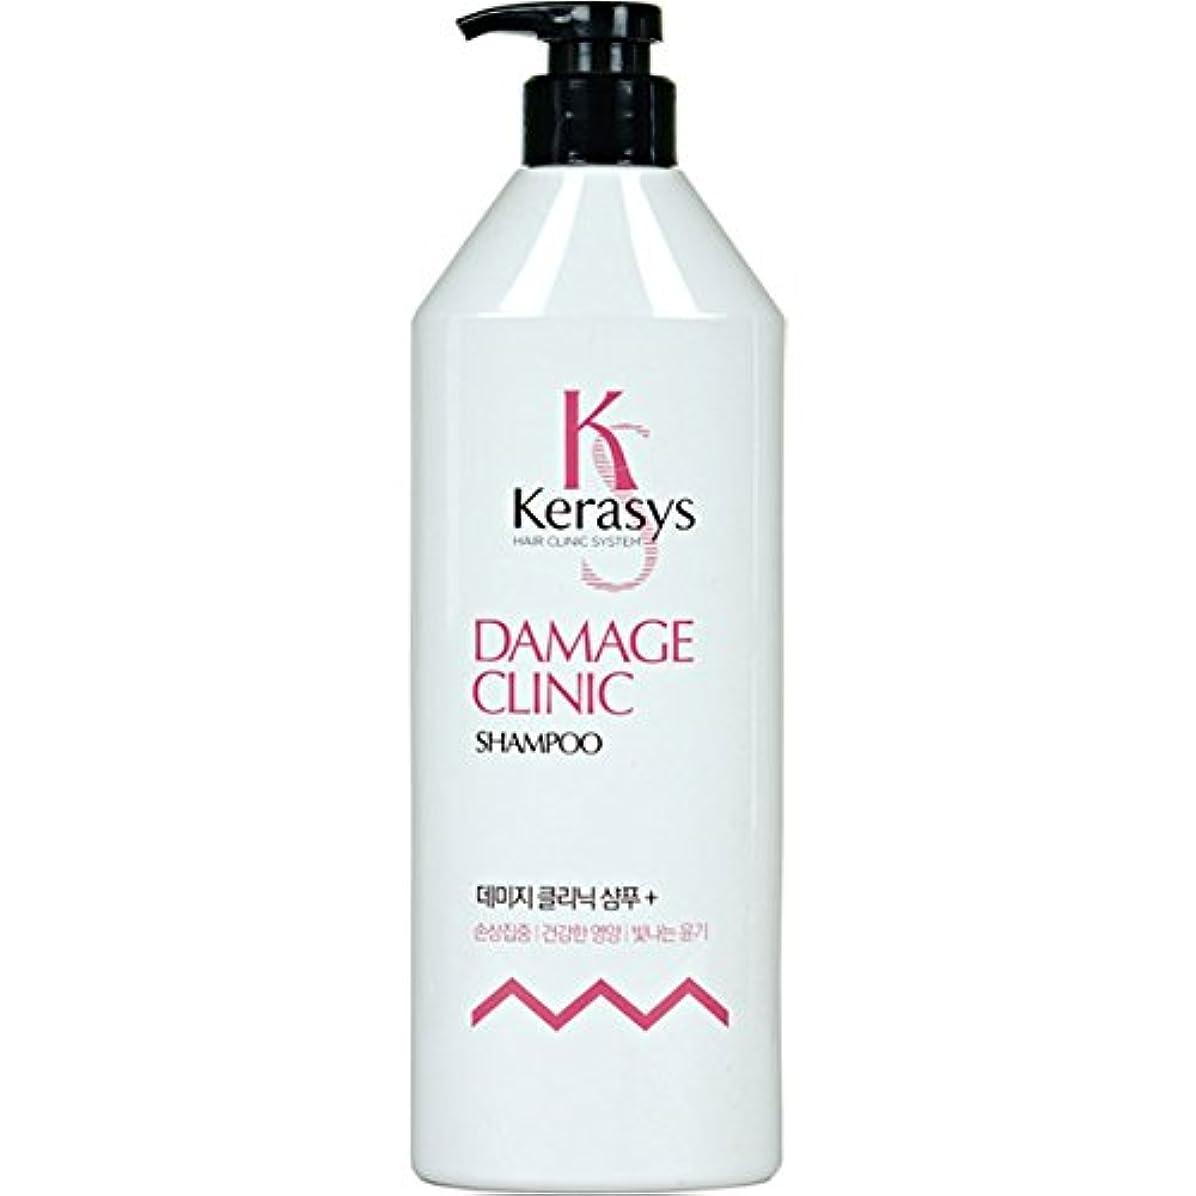 奇跡的なダイジェスト注入[Kerasys] ケラシス ダメージクリニック シャンプー 750ml Damage Clinic Shampoo [海外直送品]